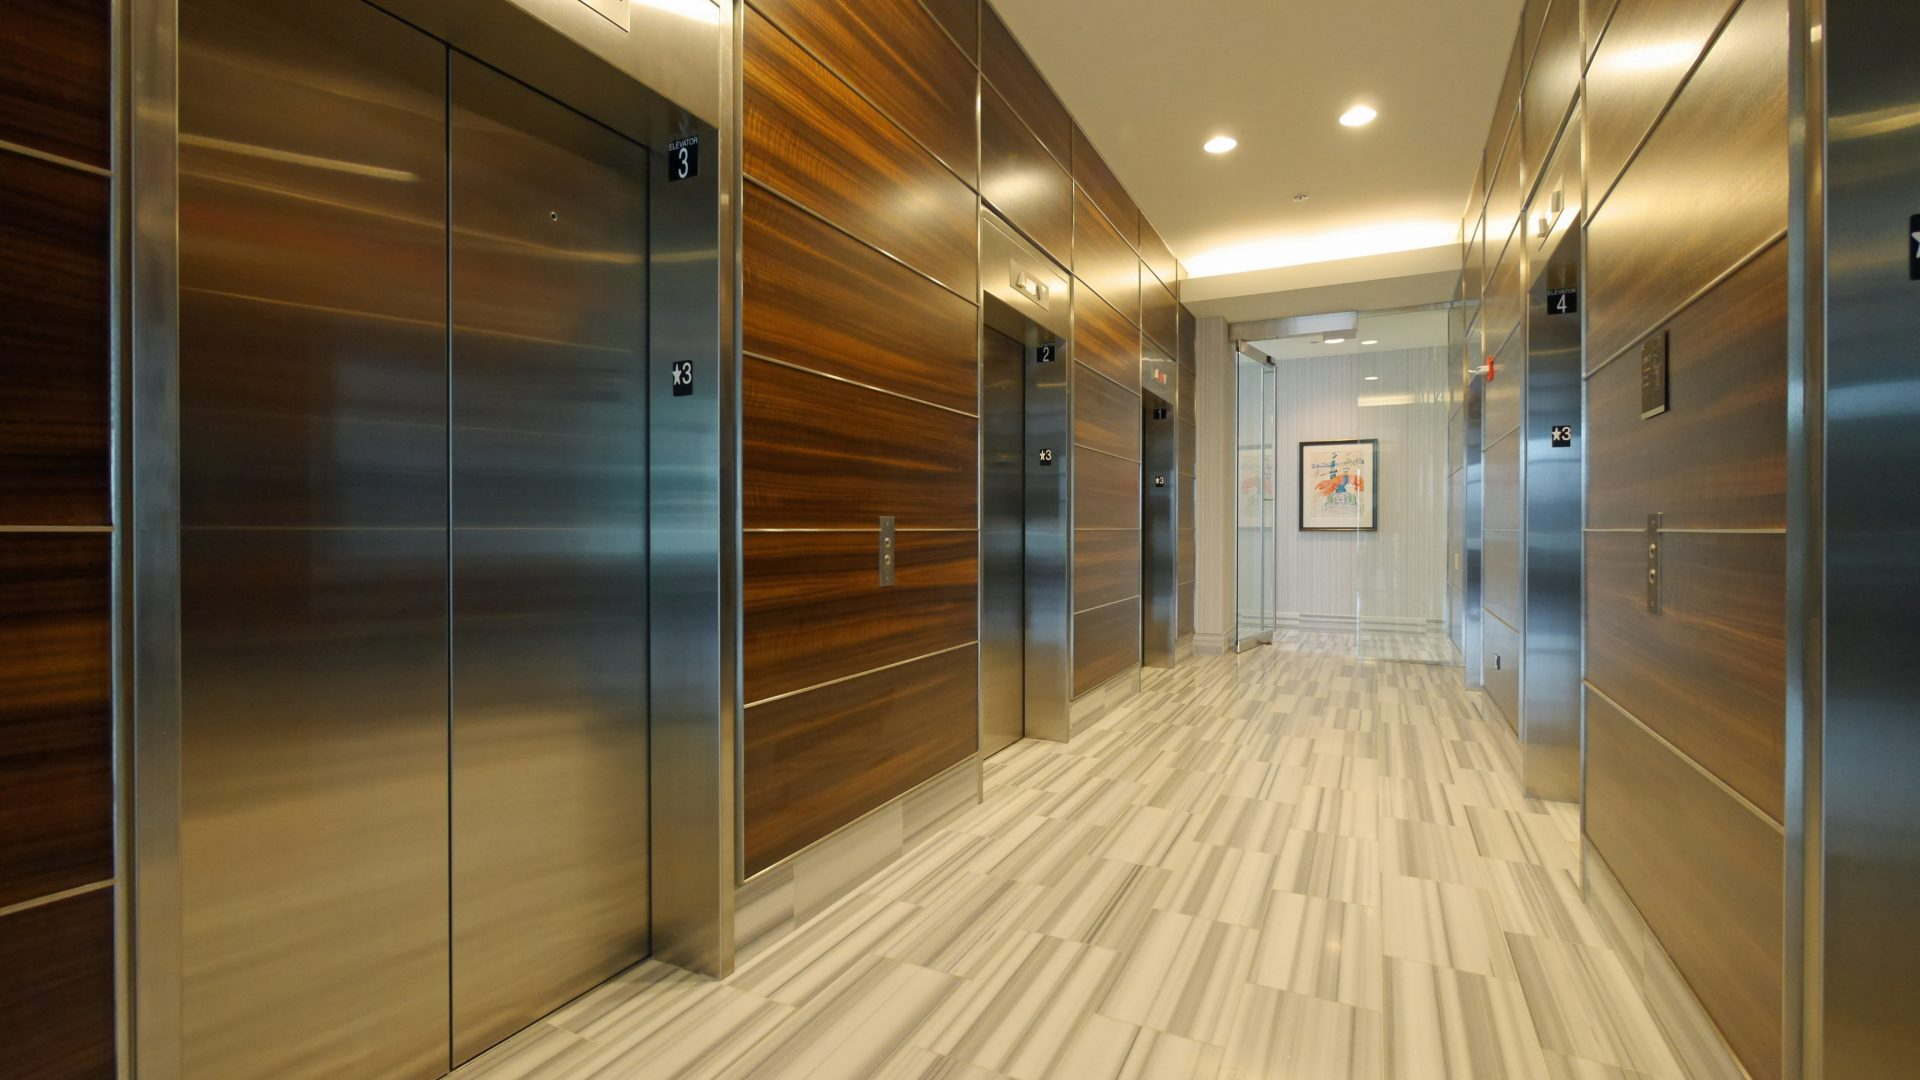 Abilitazione verifiche impianti ascensori (D.P.R. 162/99)